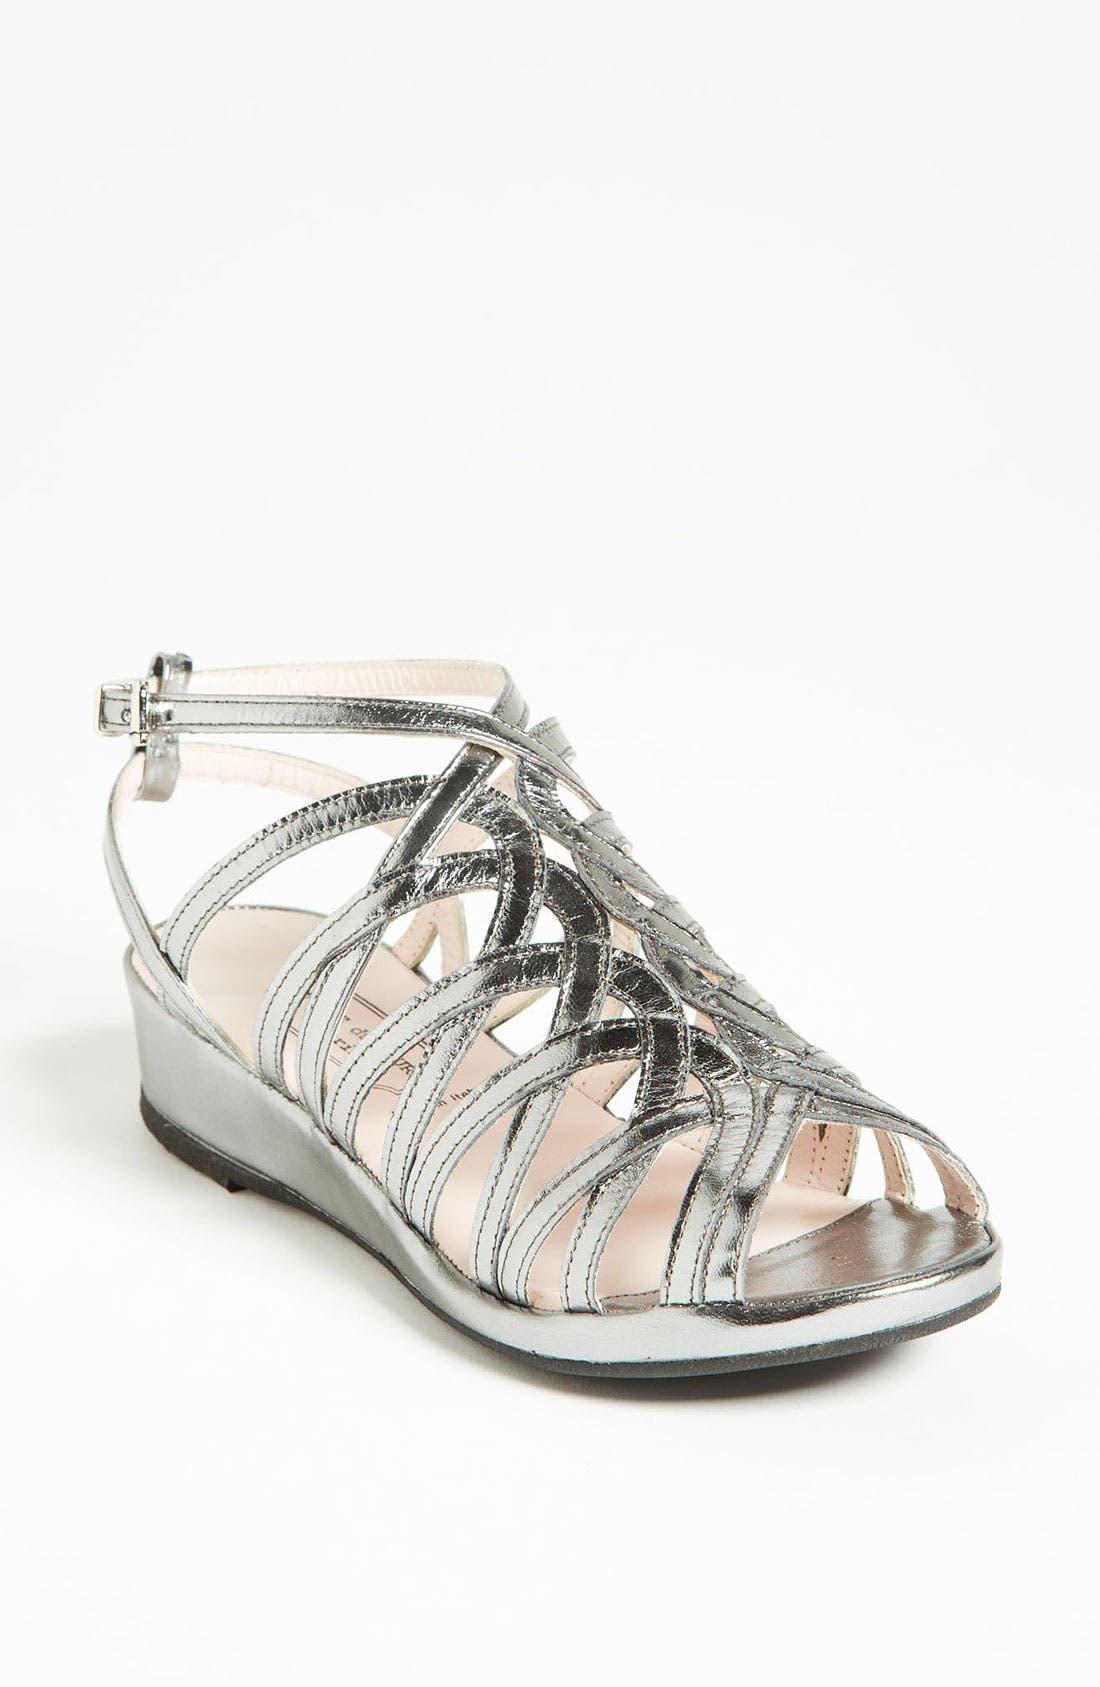 Alternate Image 1 Selected - Rue du Jour 'Illiana' Sandal